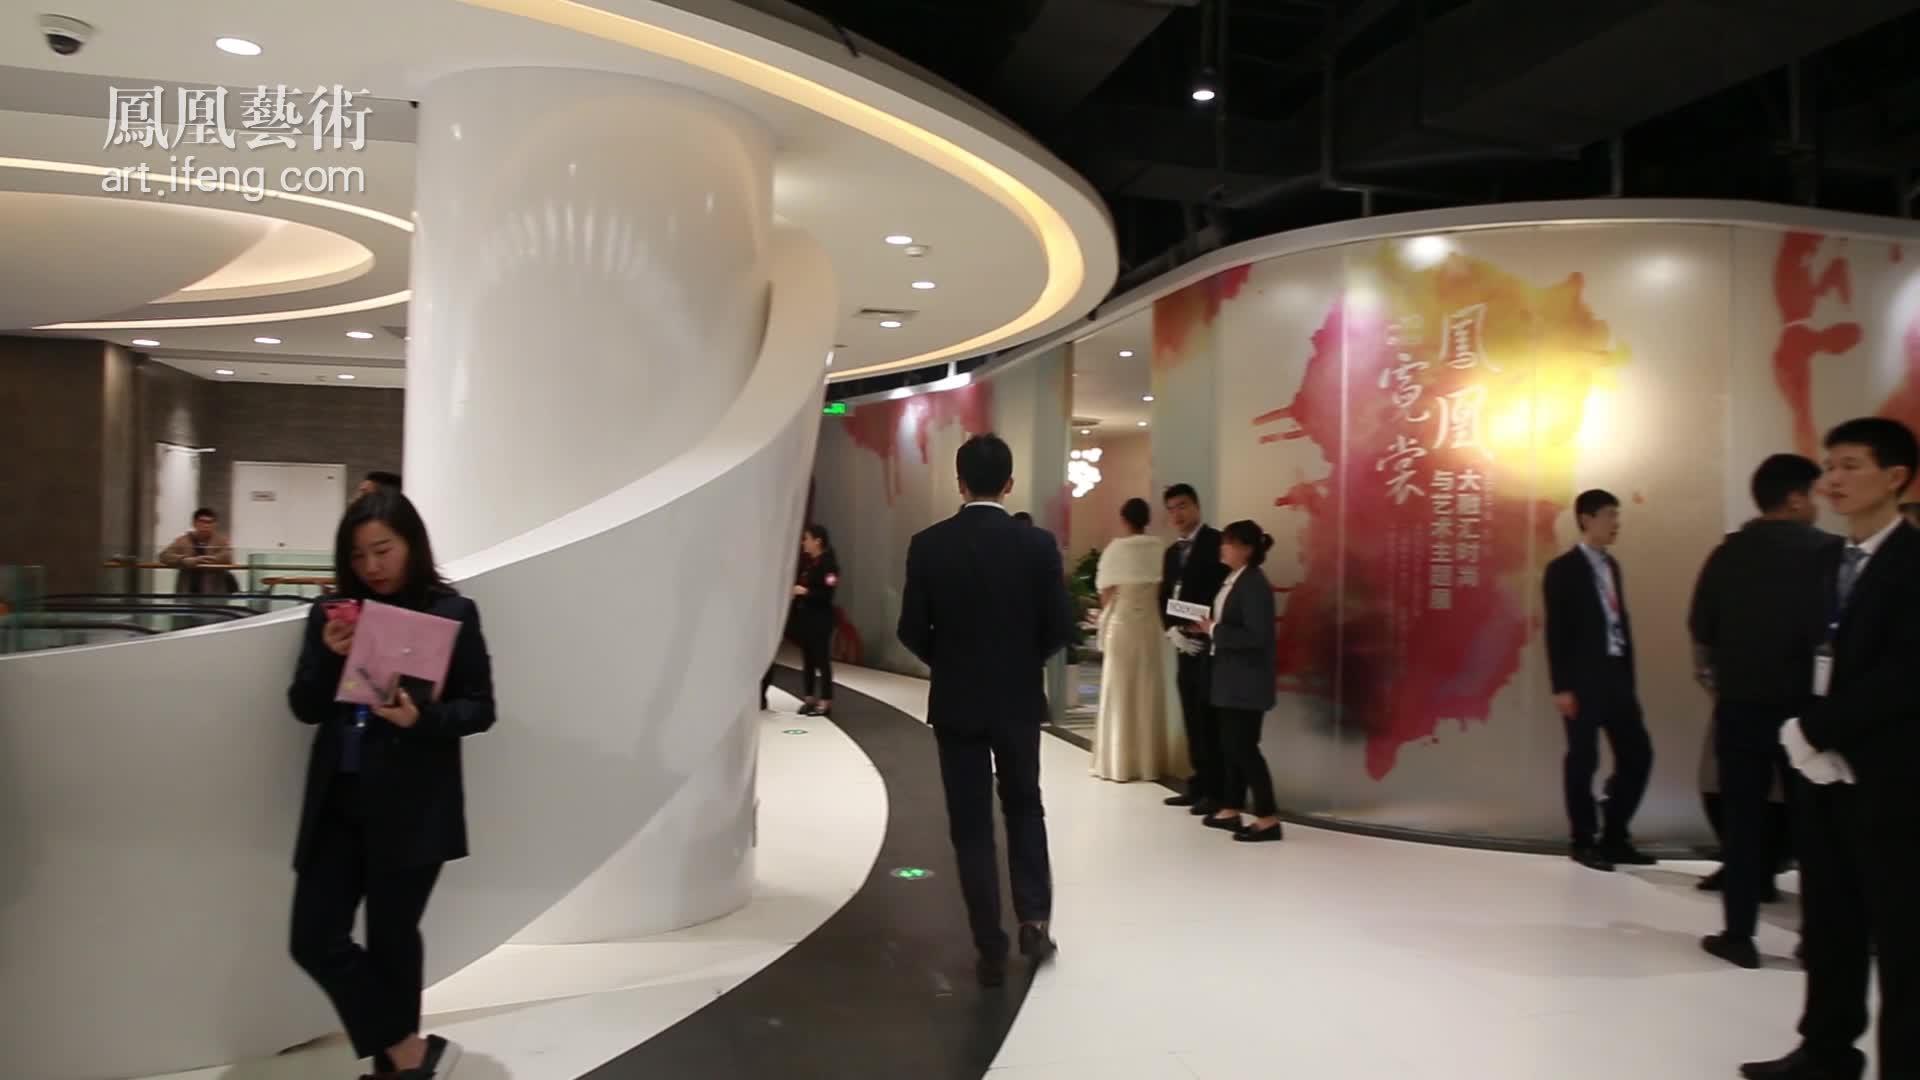 大融汇 | 凤凰艺术与中国光大战略合作再添新篇